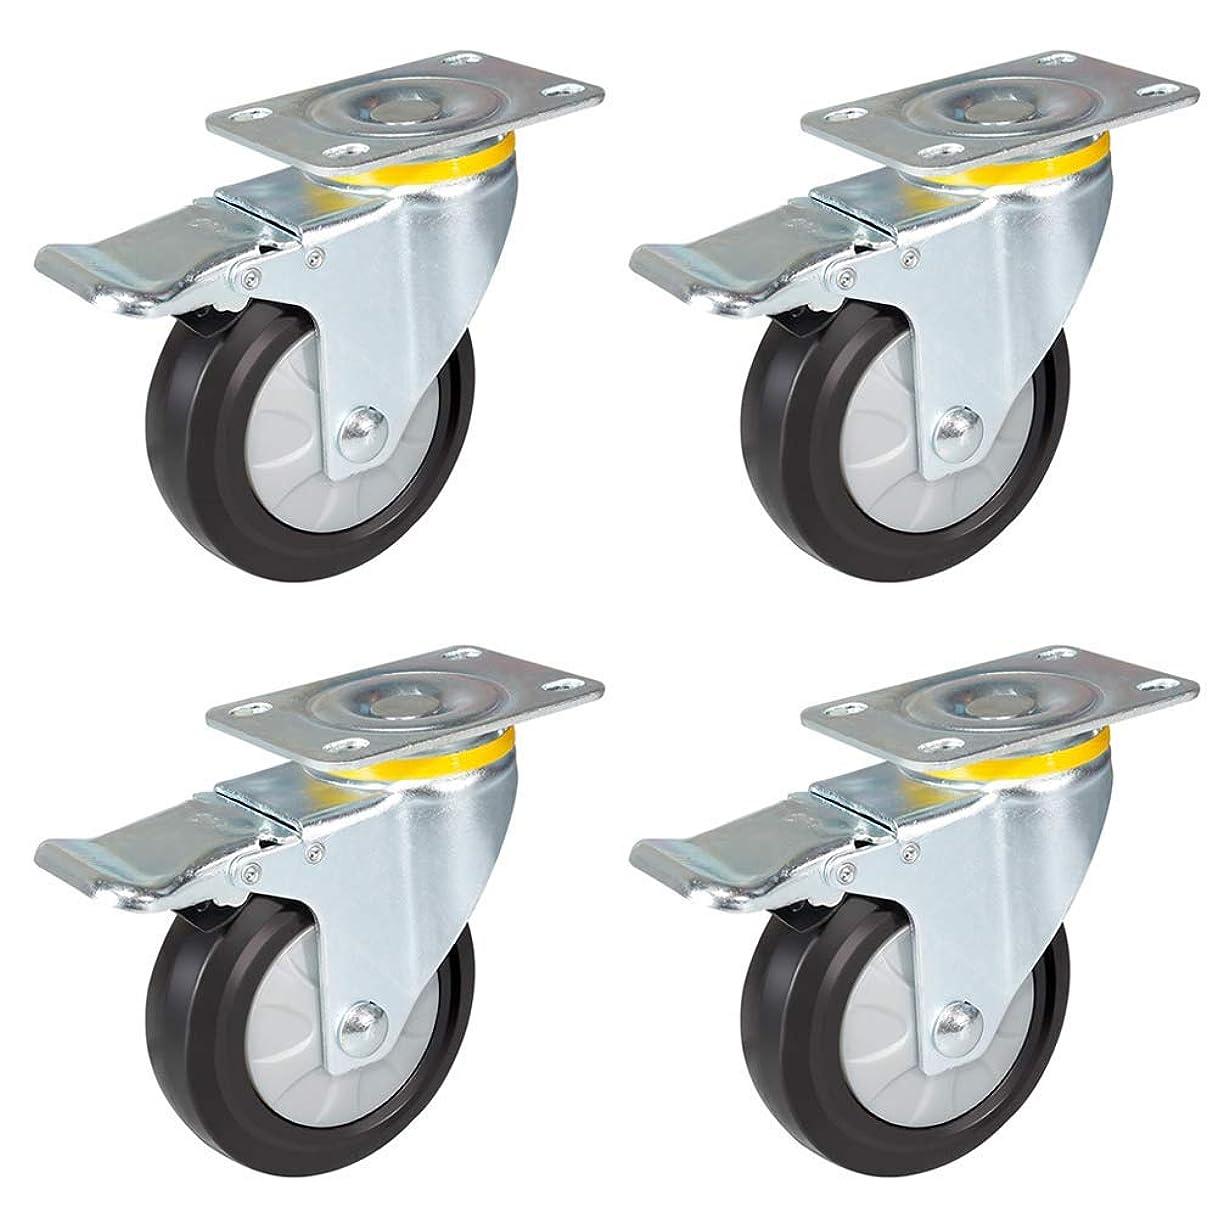 ドキュメンタリー大使分析的なZZZGY ブレーキ付きキャスターホイール4個、3/4/5インチキャスター、ヘビーデューティ、ゴム旋回キャスター、トロリー家具キャスター、390kgの積載量のセット